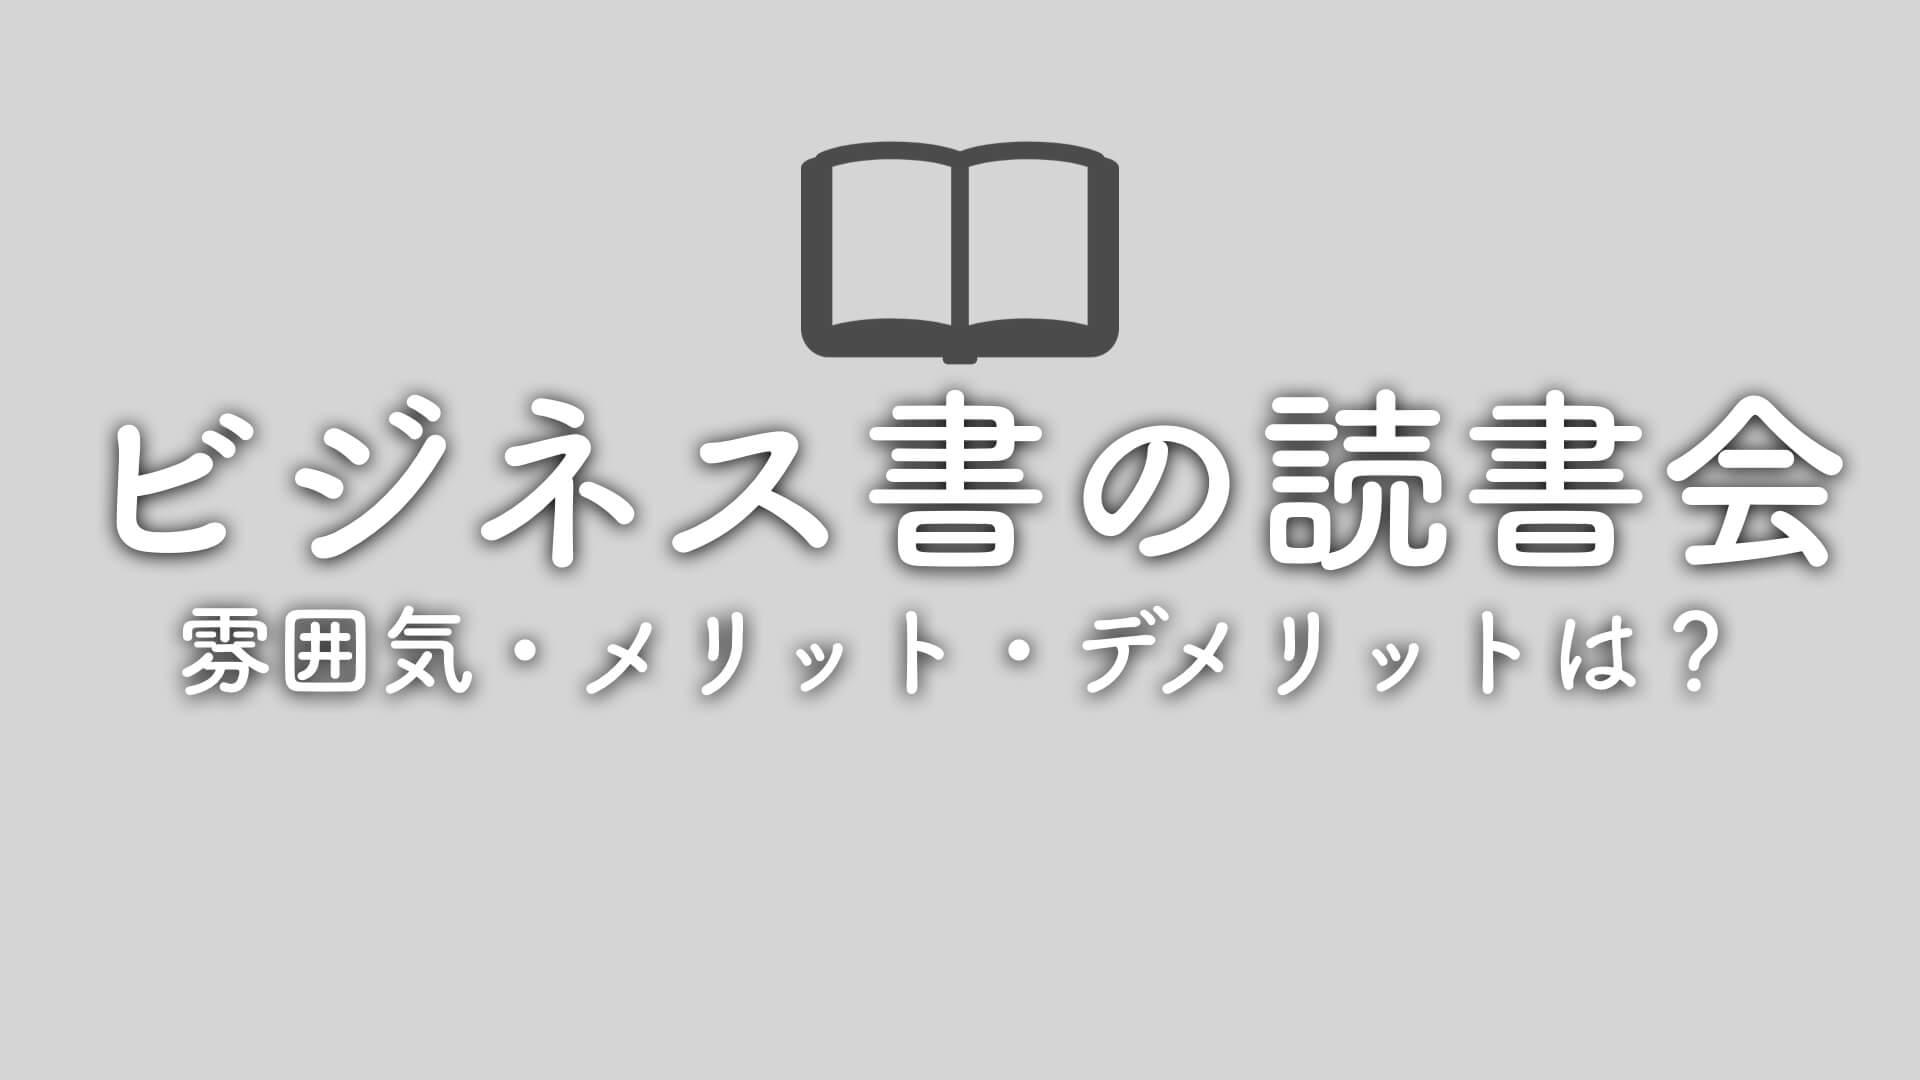 ビジネス書の読書会の雰囲気・メリット・デメリットまとめ